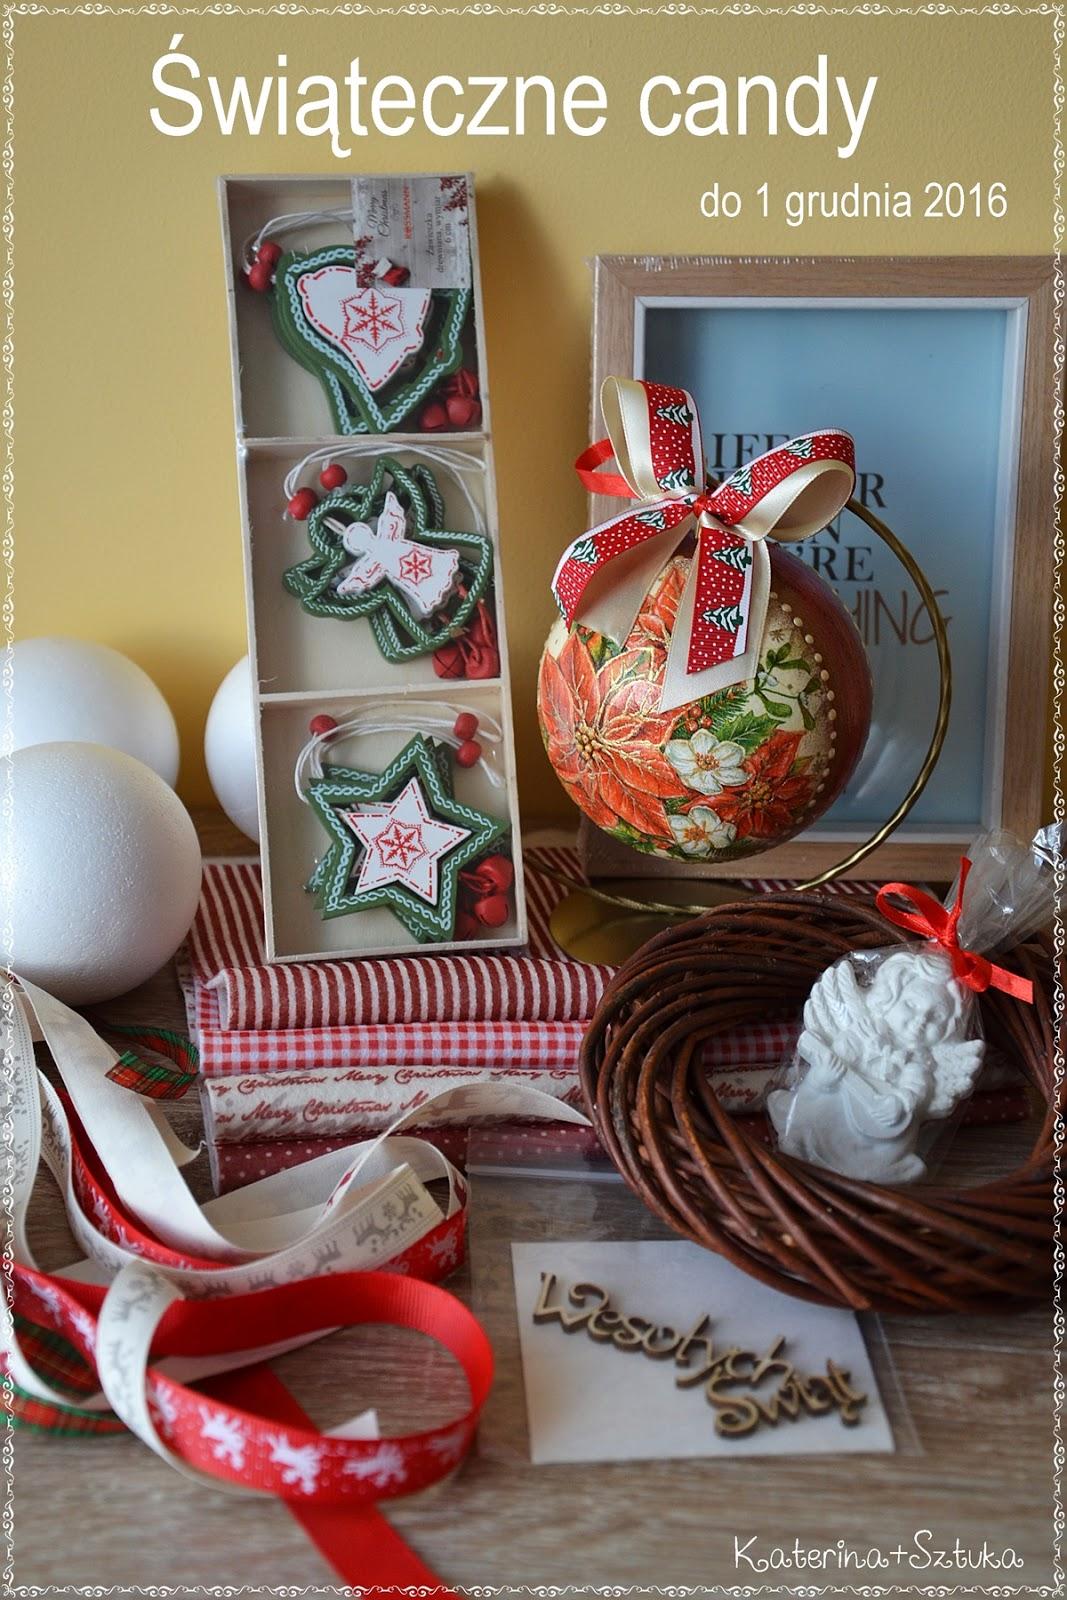 świąteczna candy